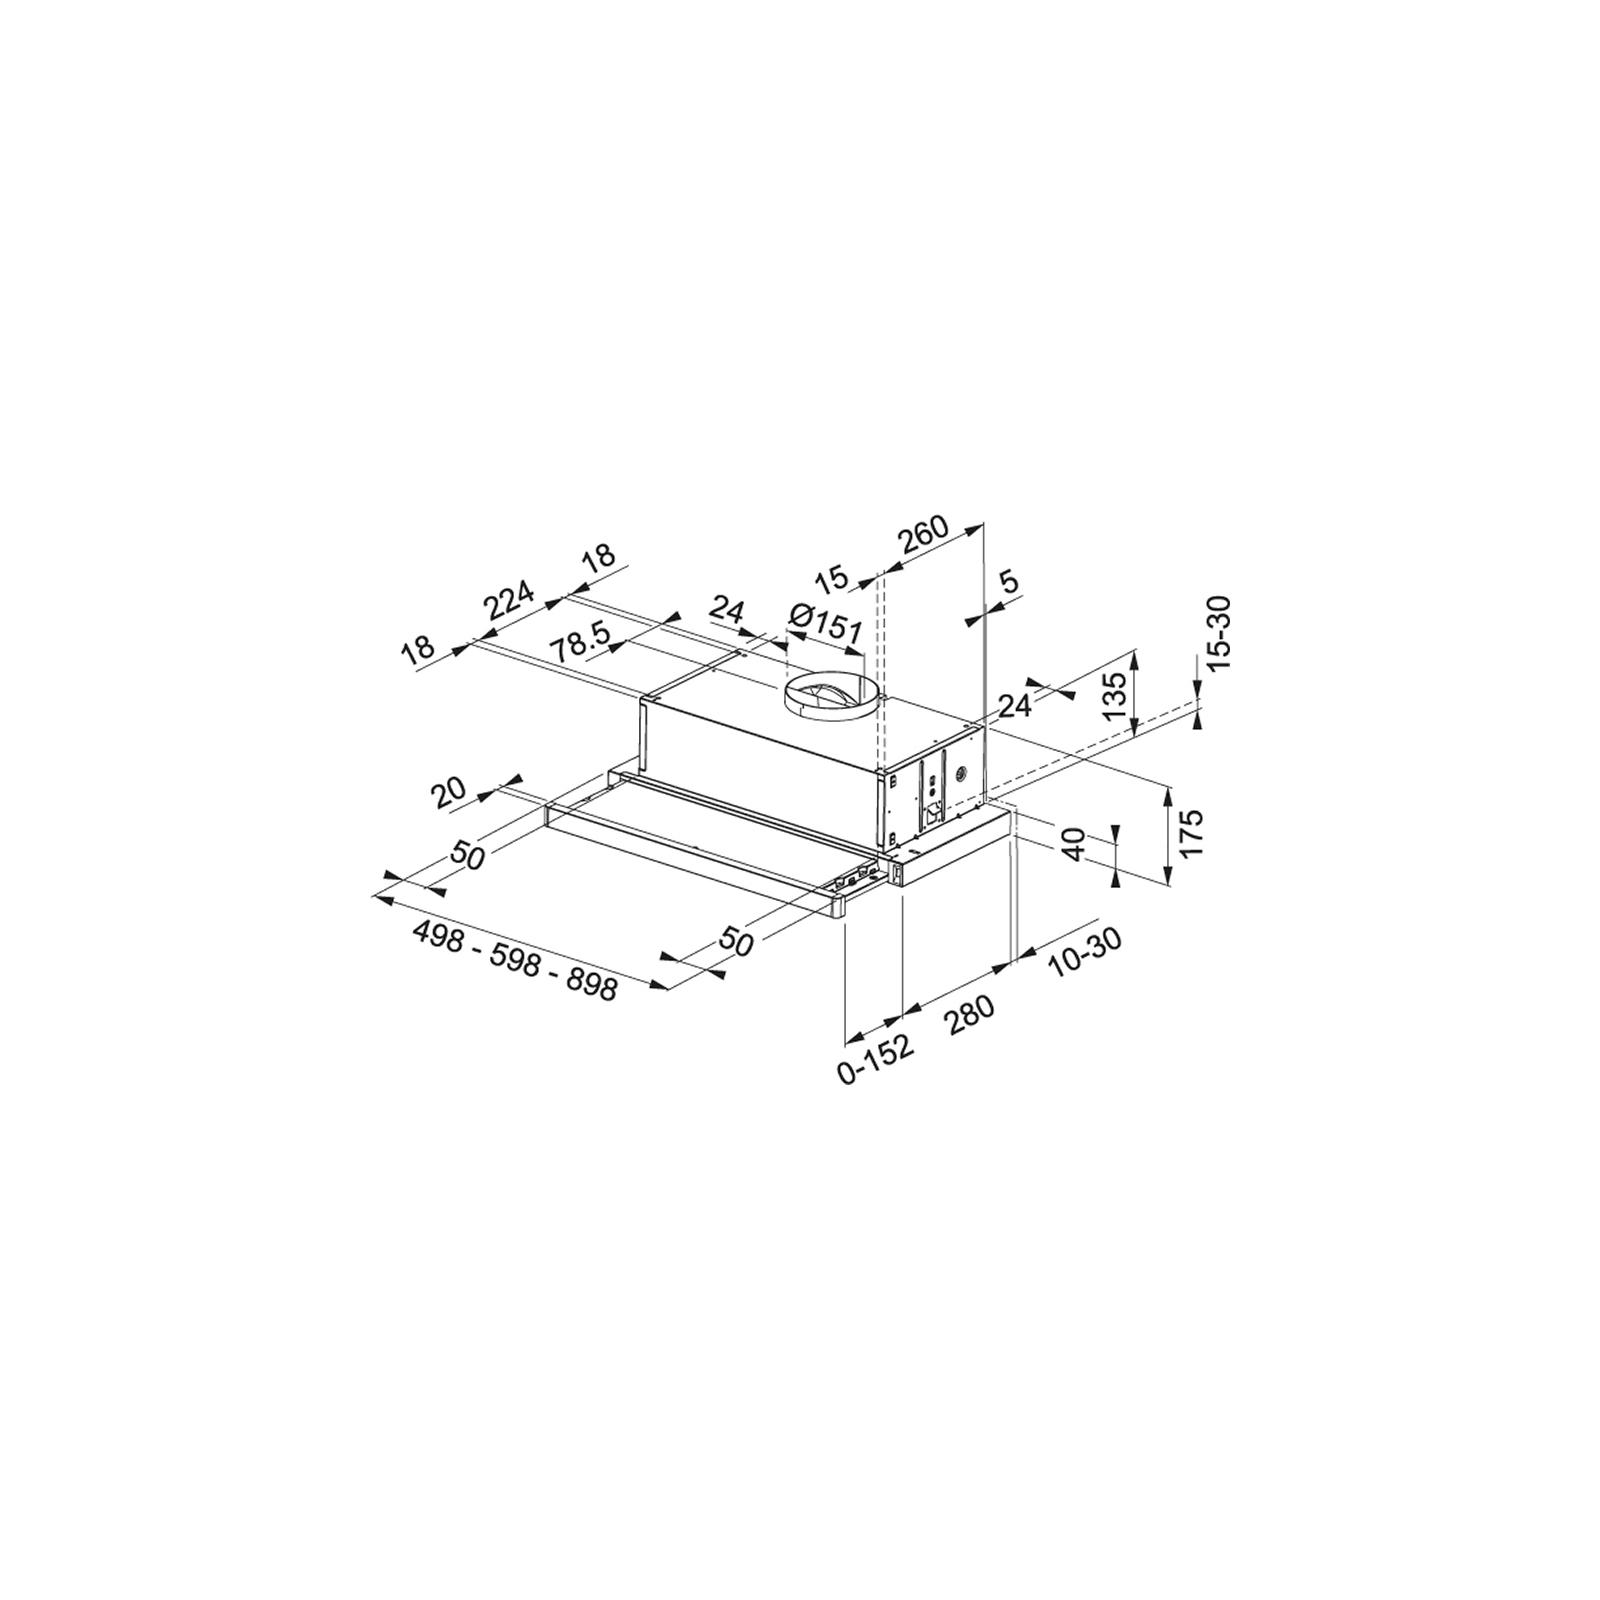 Вытяжка кухонная Franke Flexa FTC 532L WH (315.0547.795) изображение 2